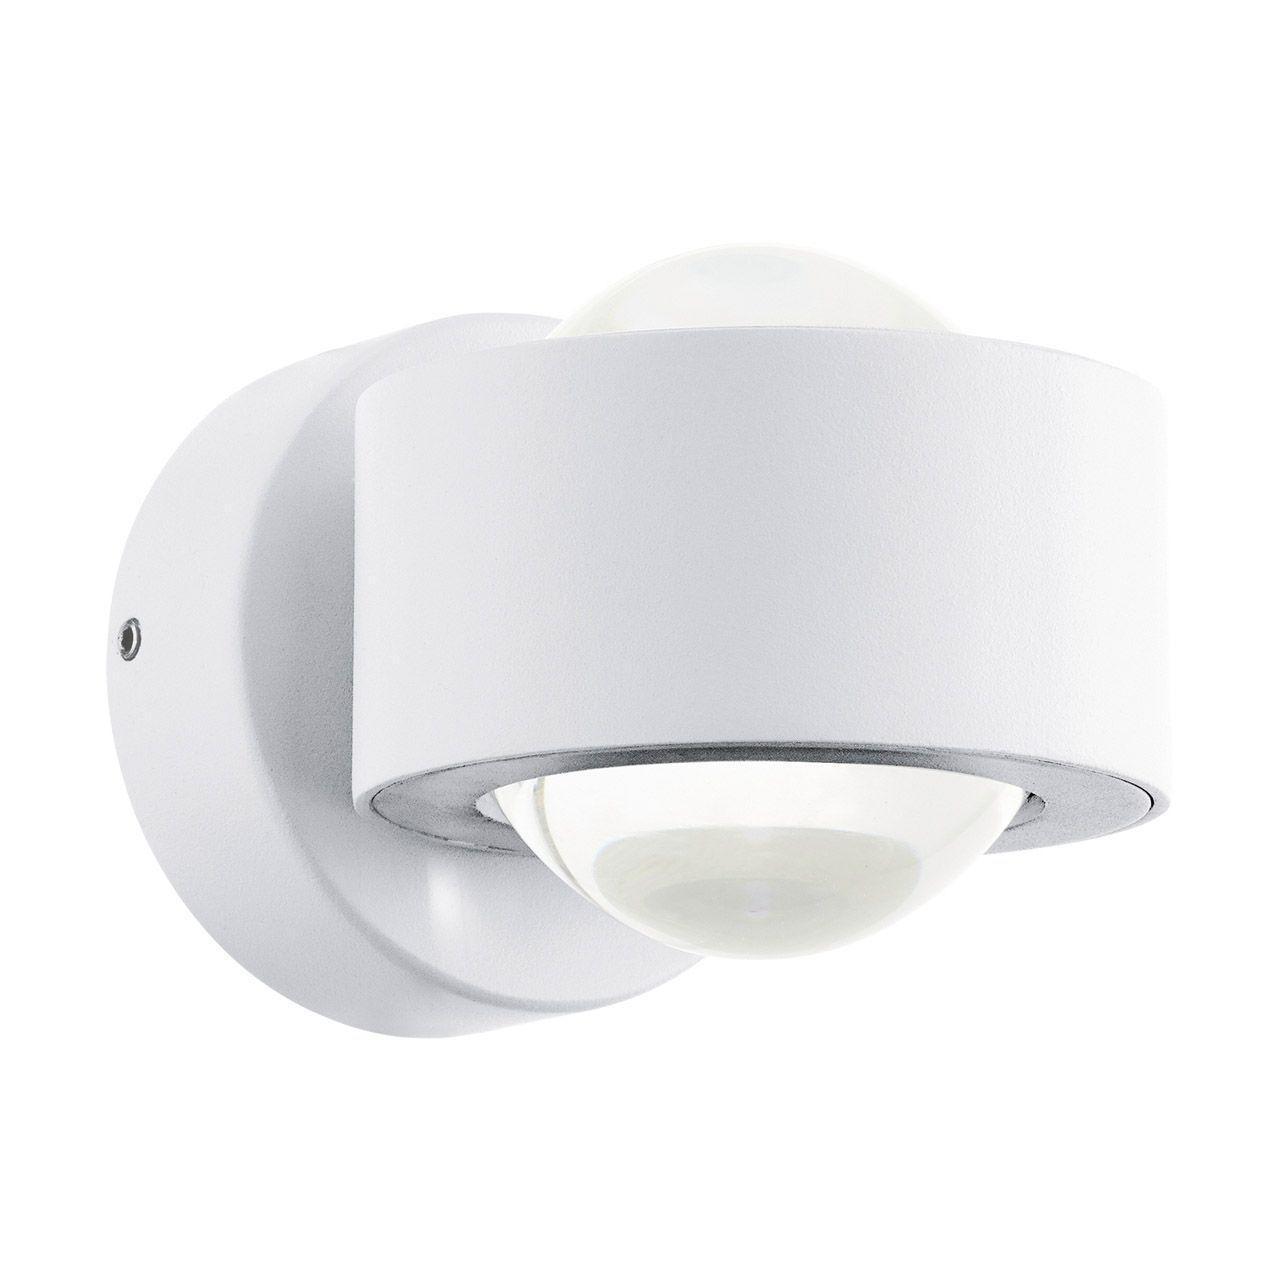 Настенный светильник Eglo 96048, белый eglo 93175